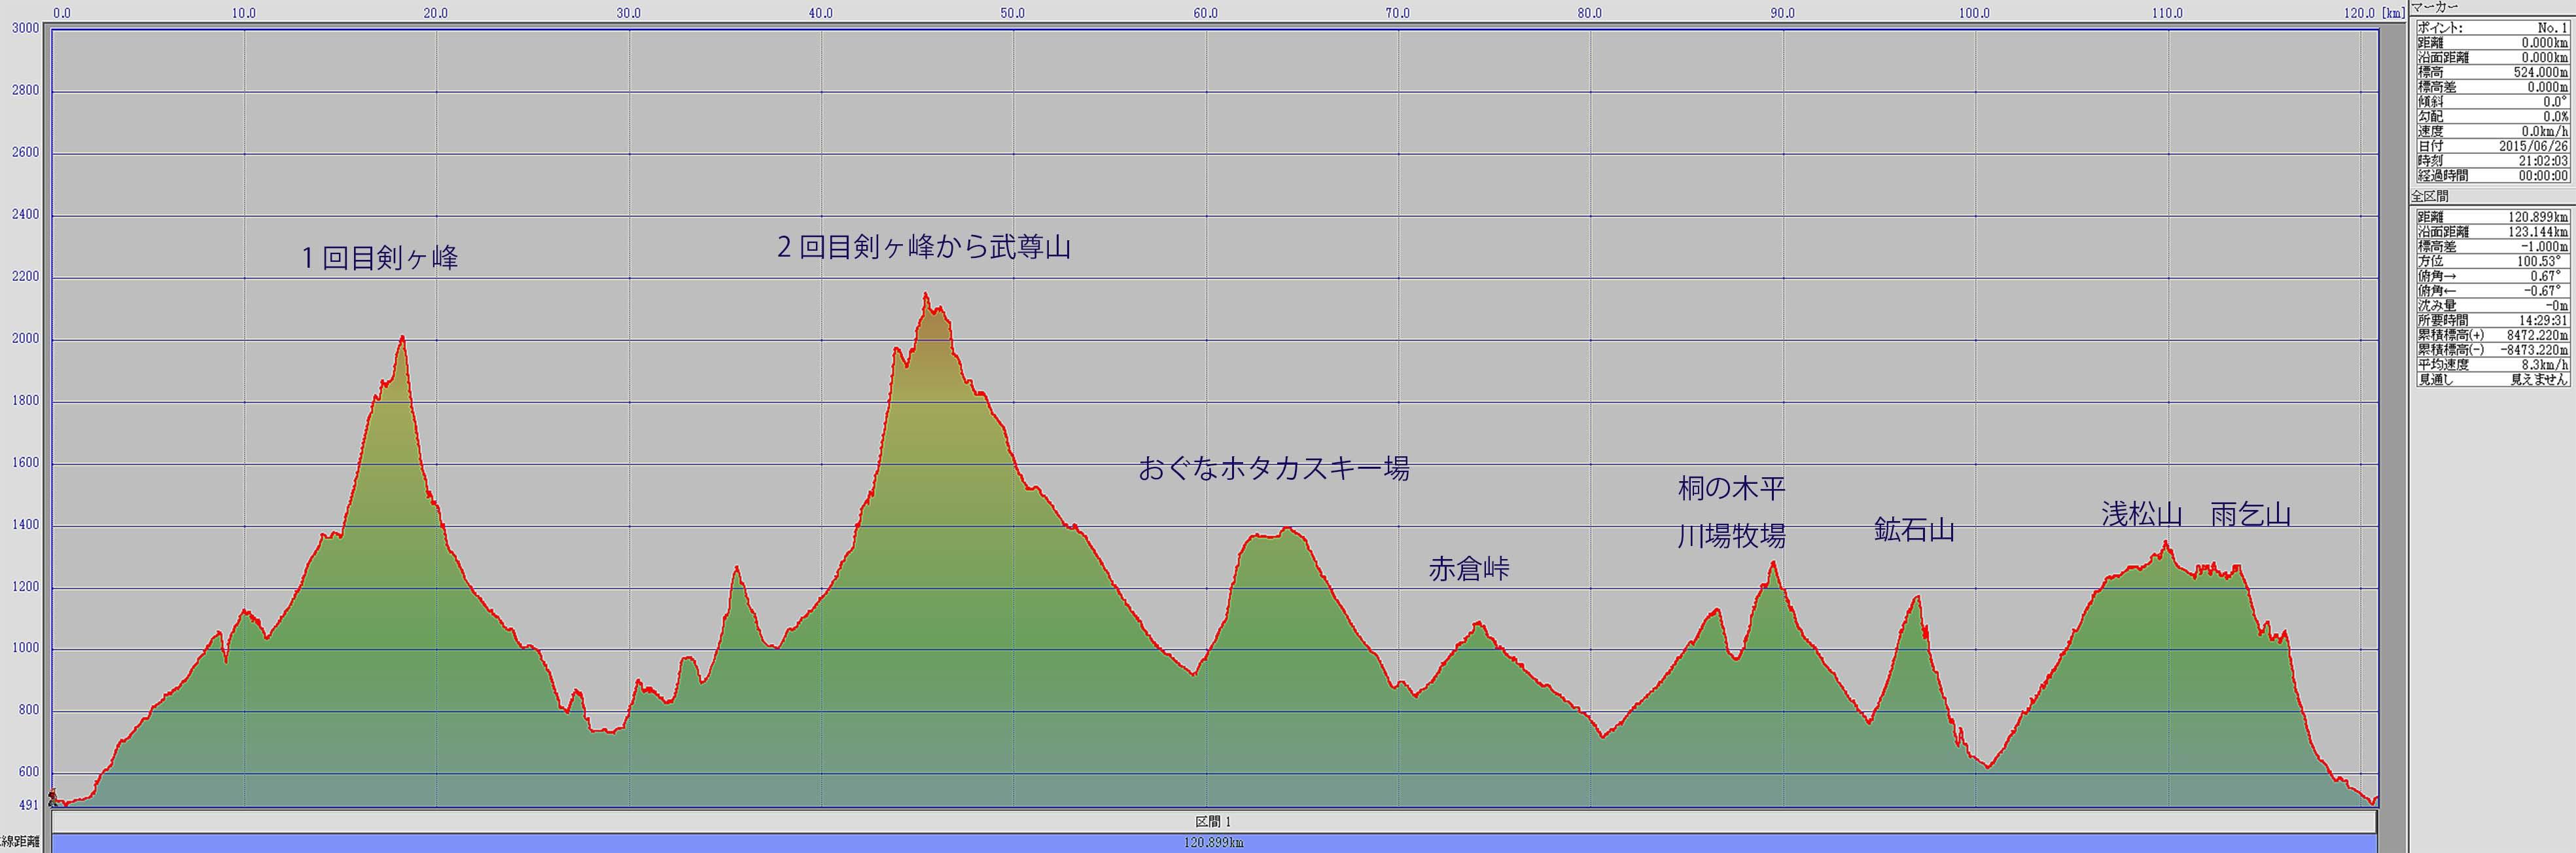 上州武尊山スカイビューウルトラトレイル大会概要(コース図・日程・必携装備等)